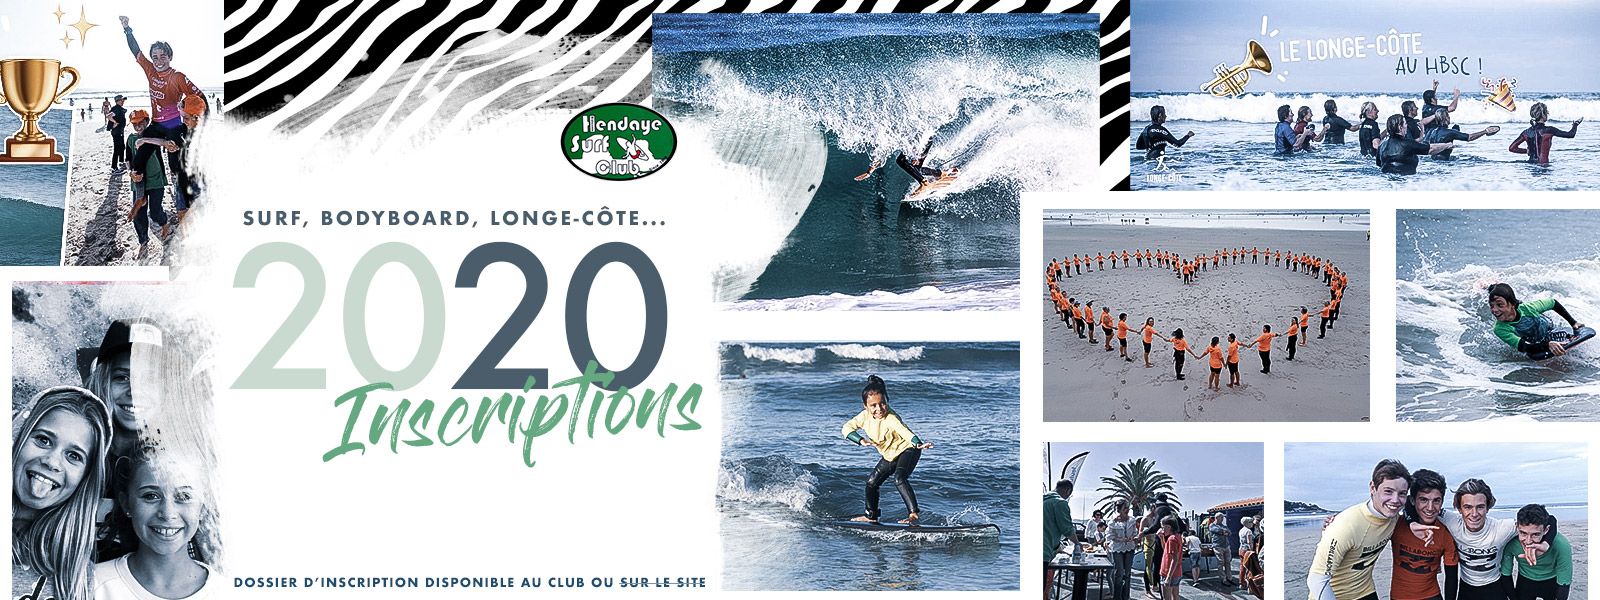 Hendaye Surf : inscription 2020